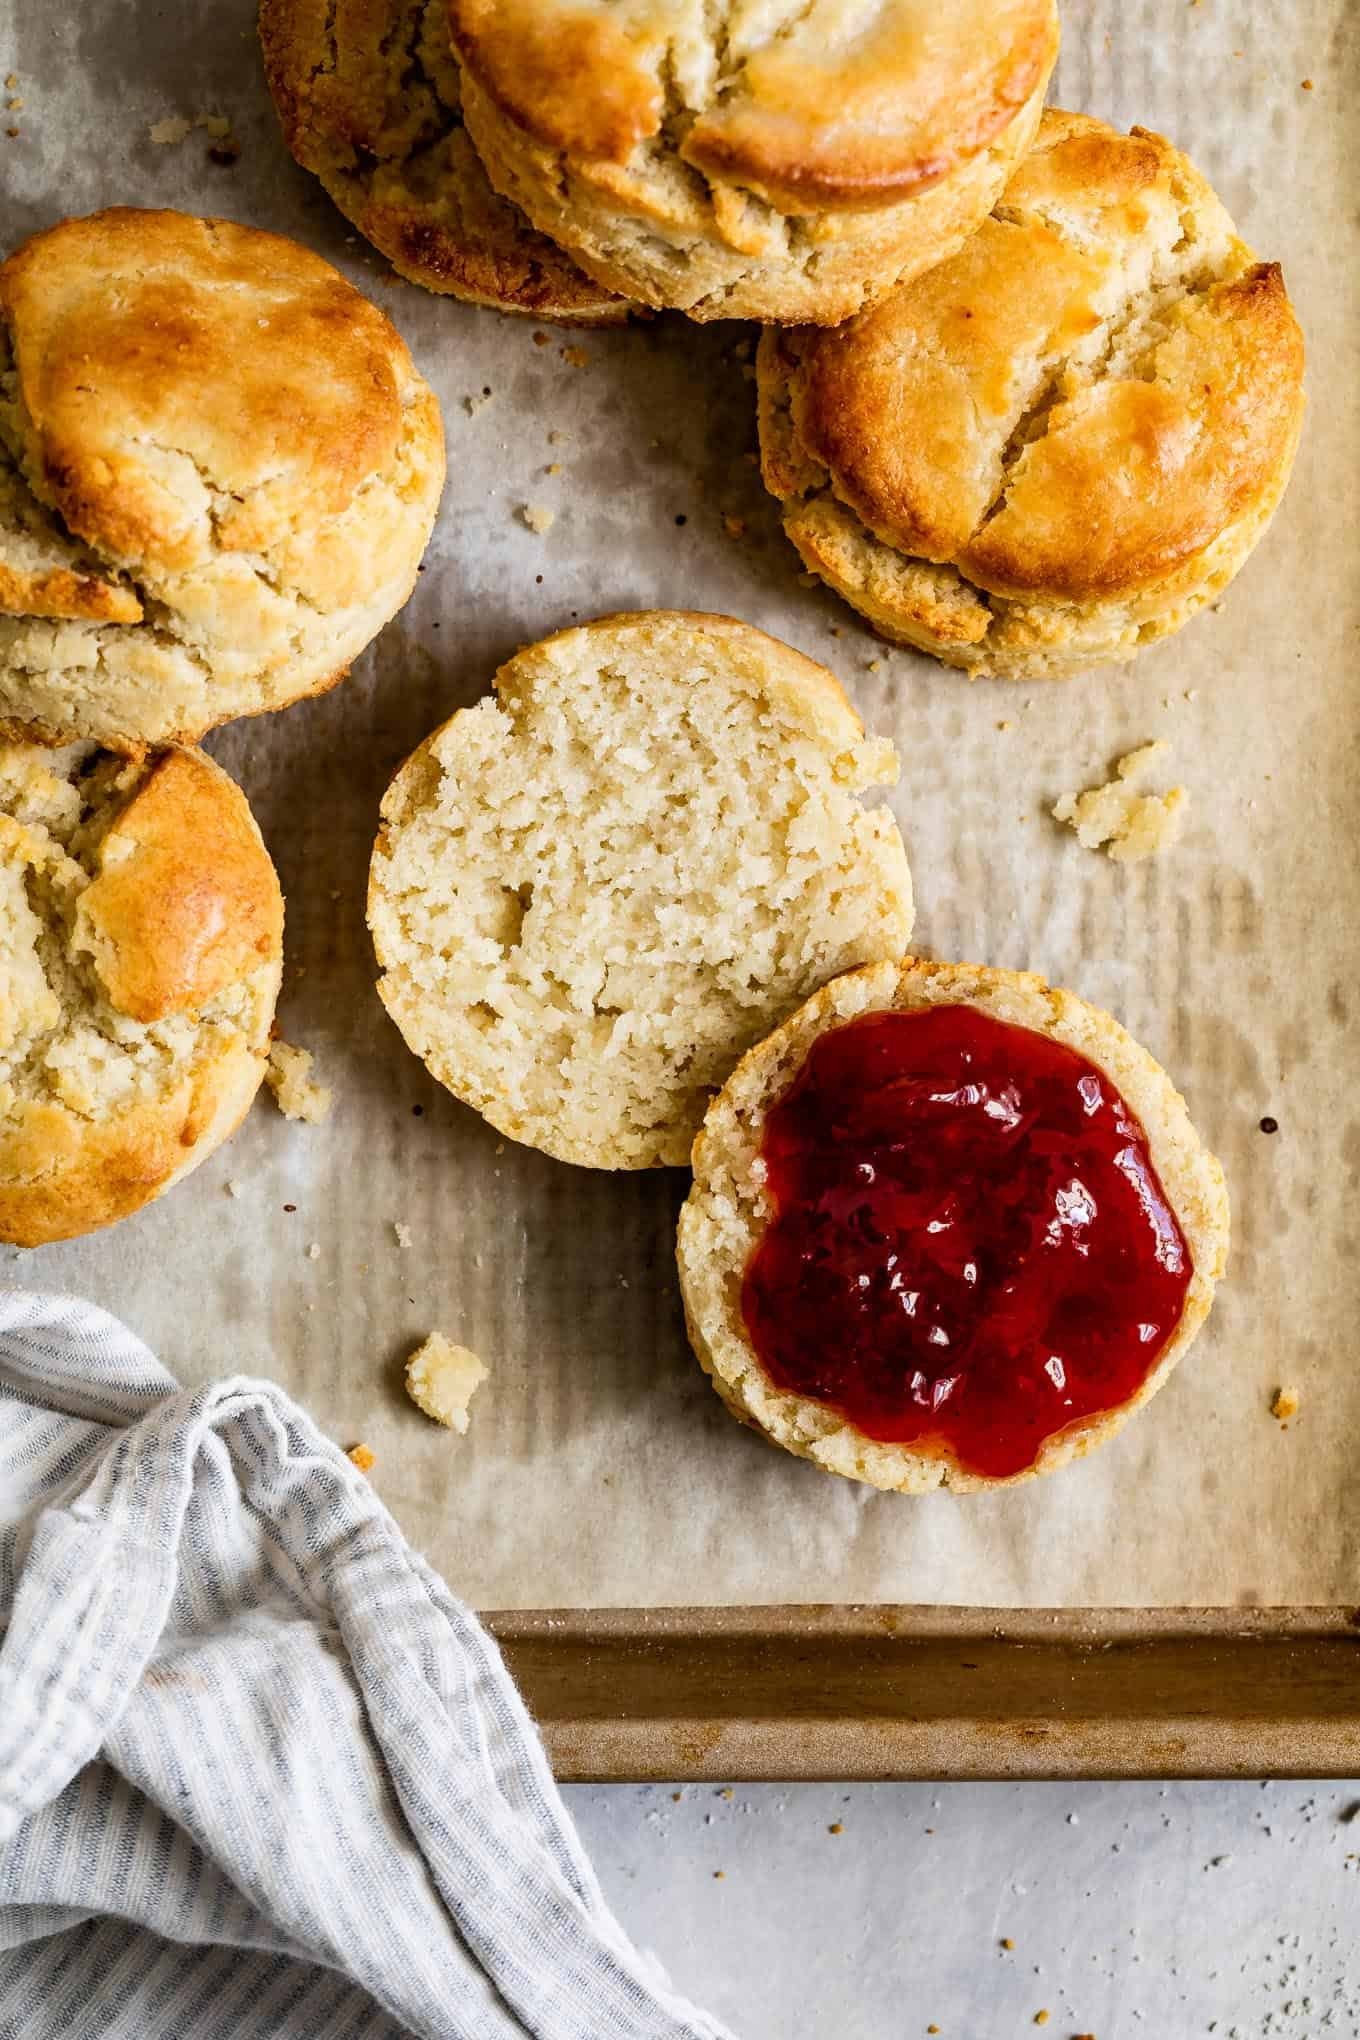 Gluten-Free Biscuits & Jam